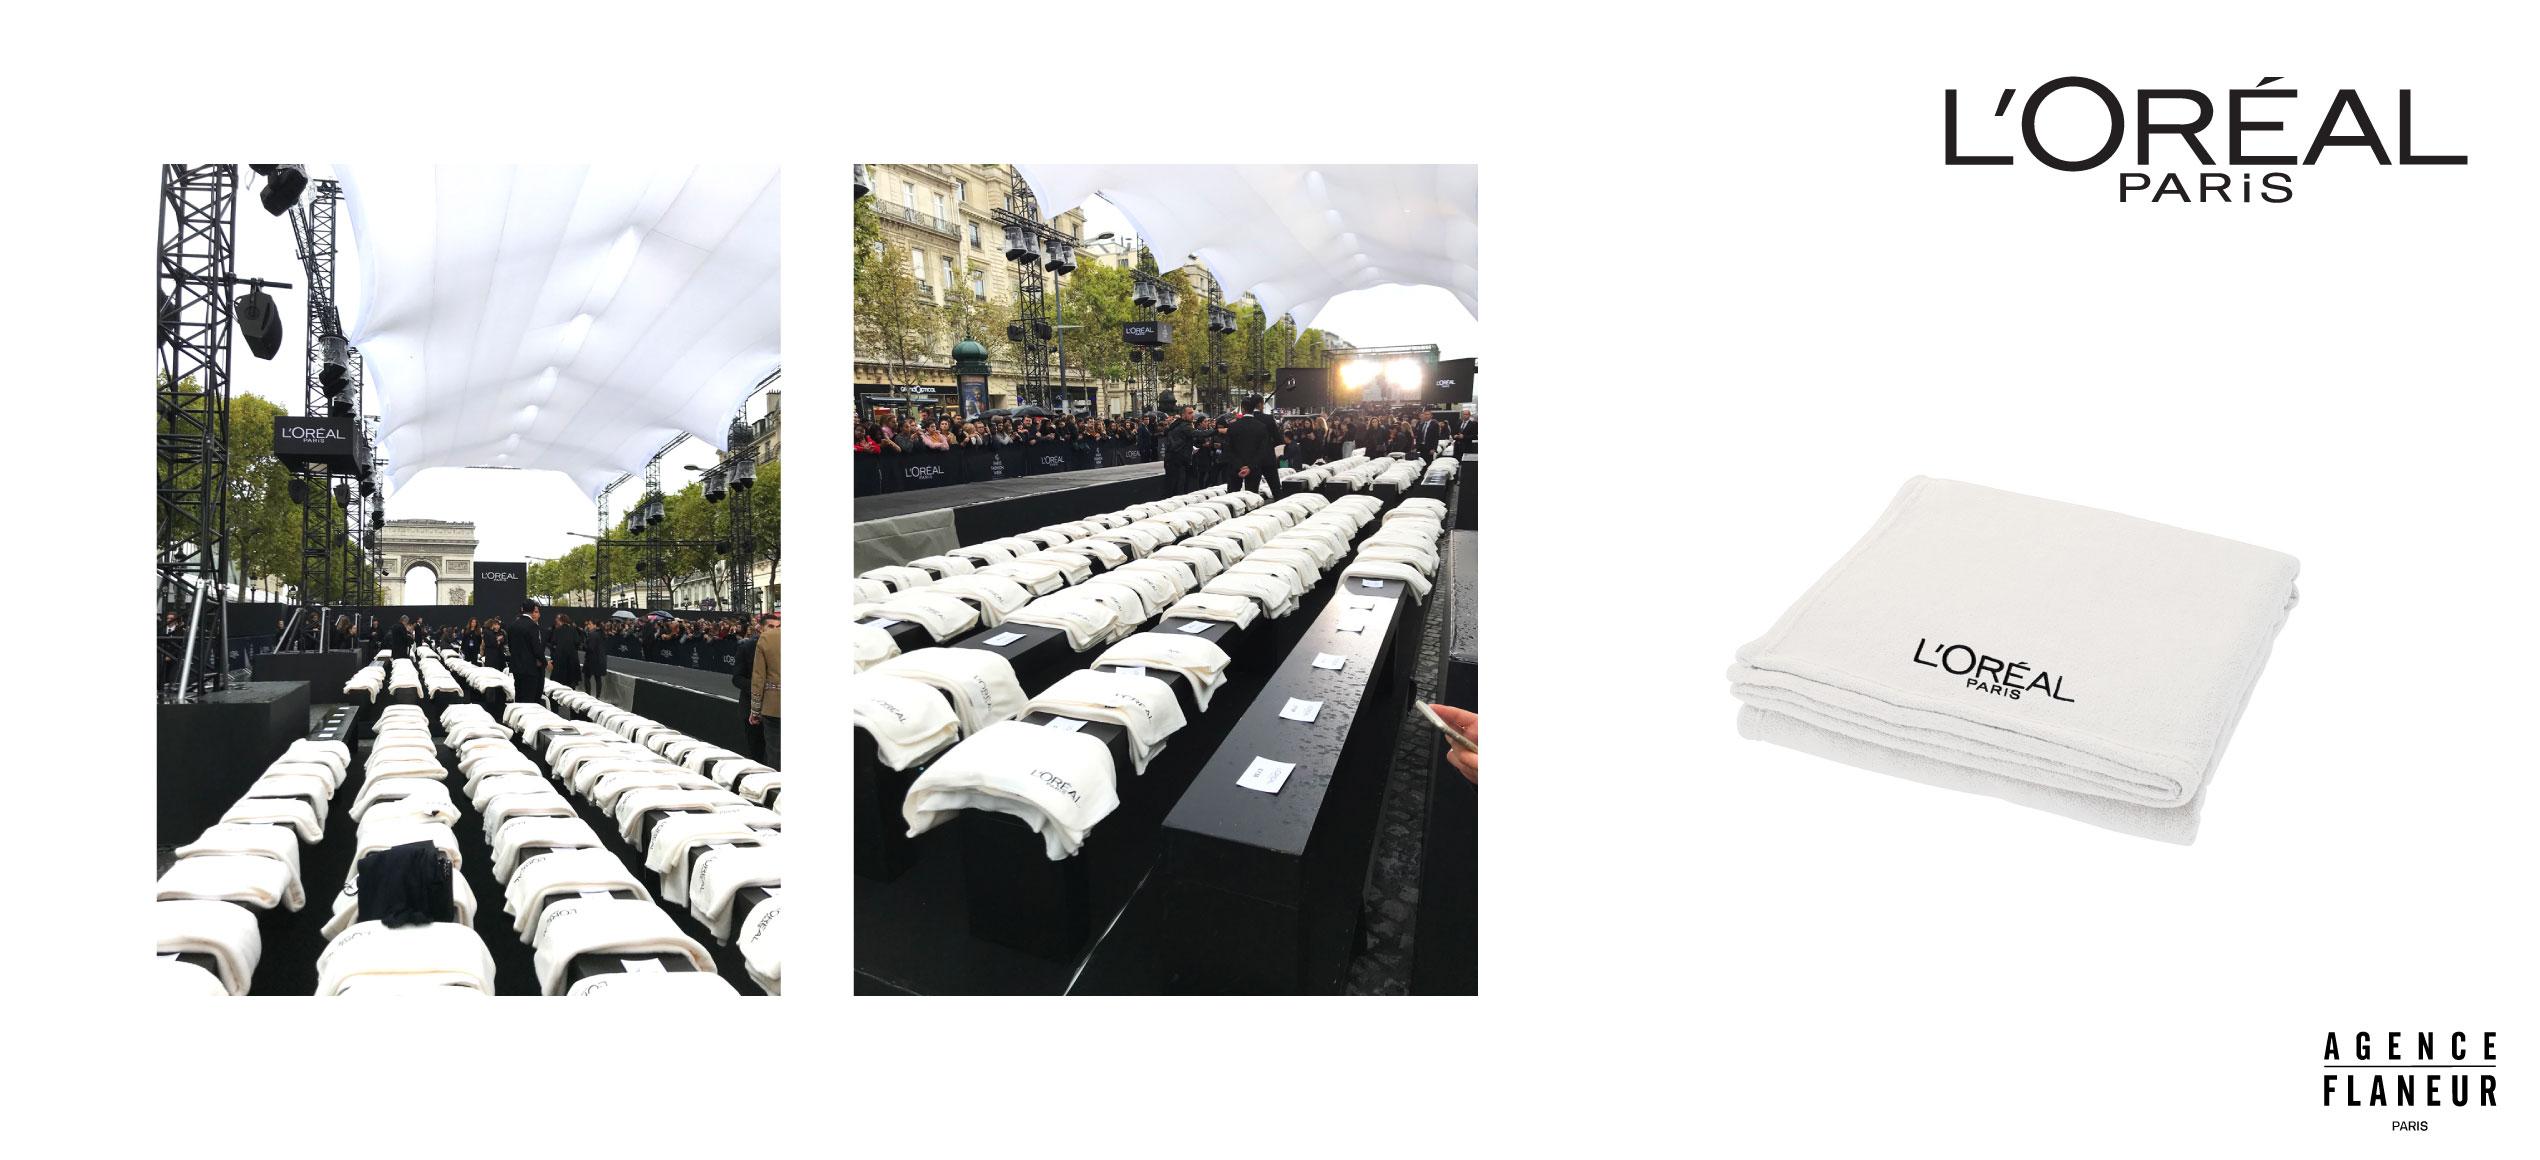 AGENCE FLANEUR L'OREAL PARIS PLAIDS FASHION SHOW CHAMPS-ELYSEES